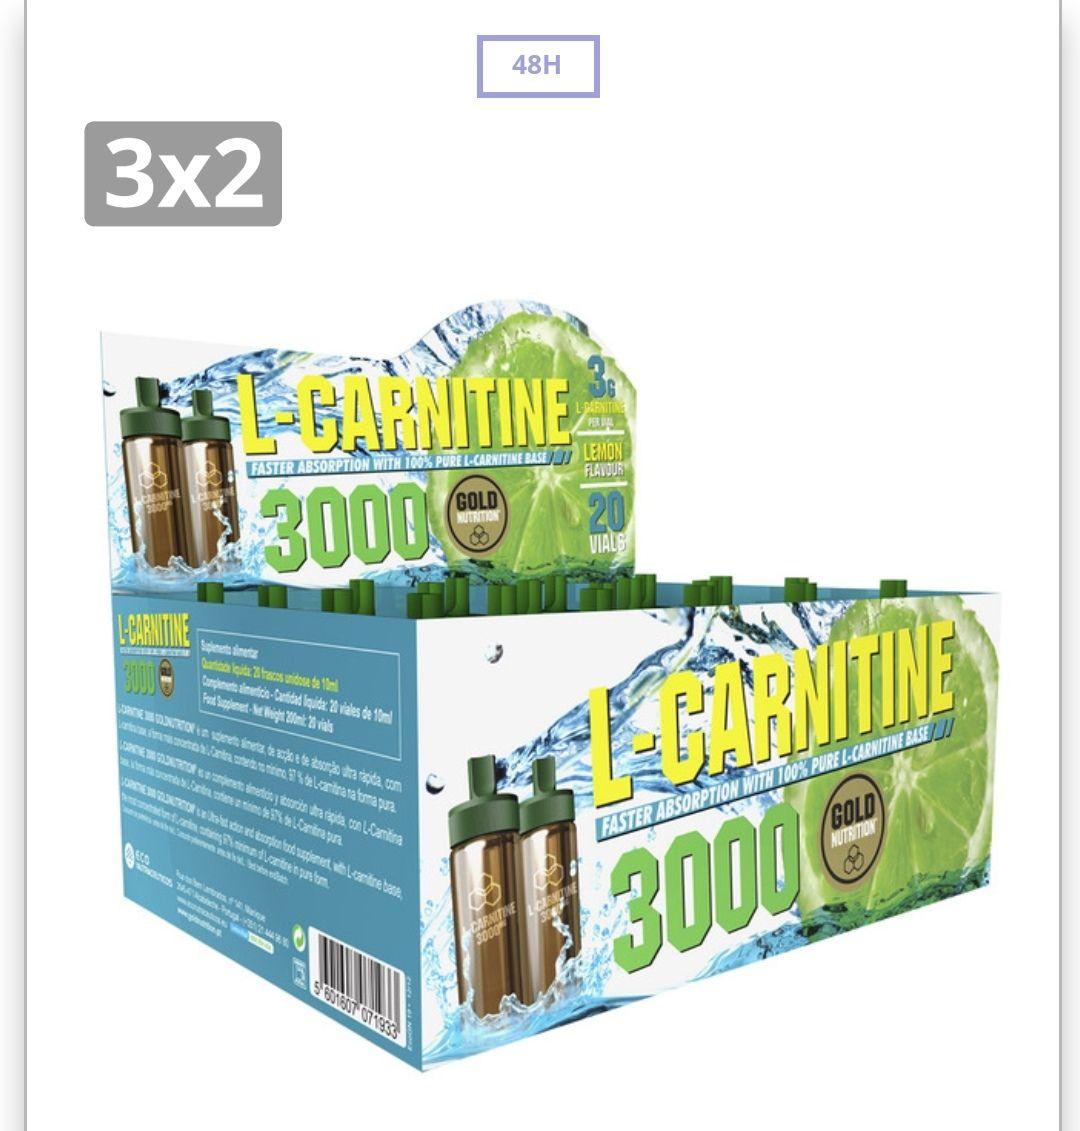 3x2 nutrición deportiva